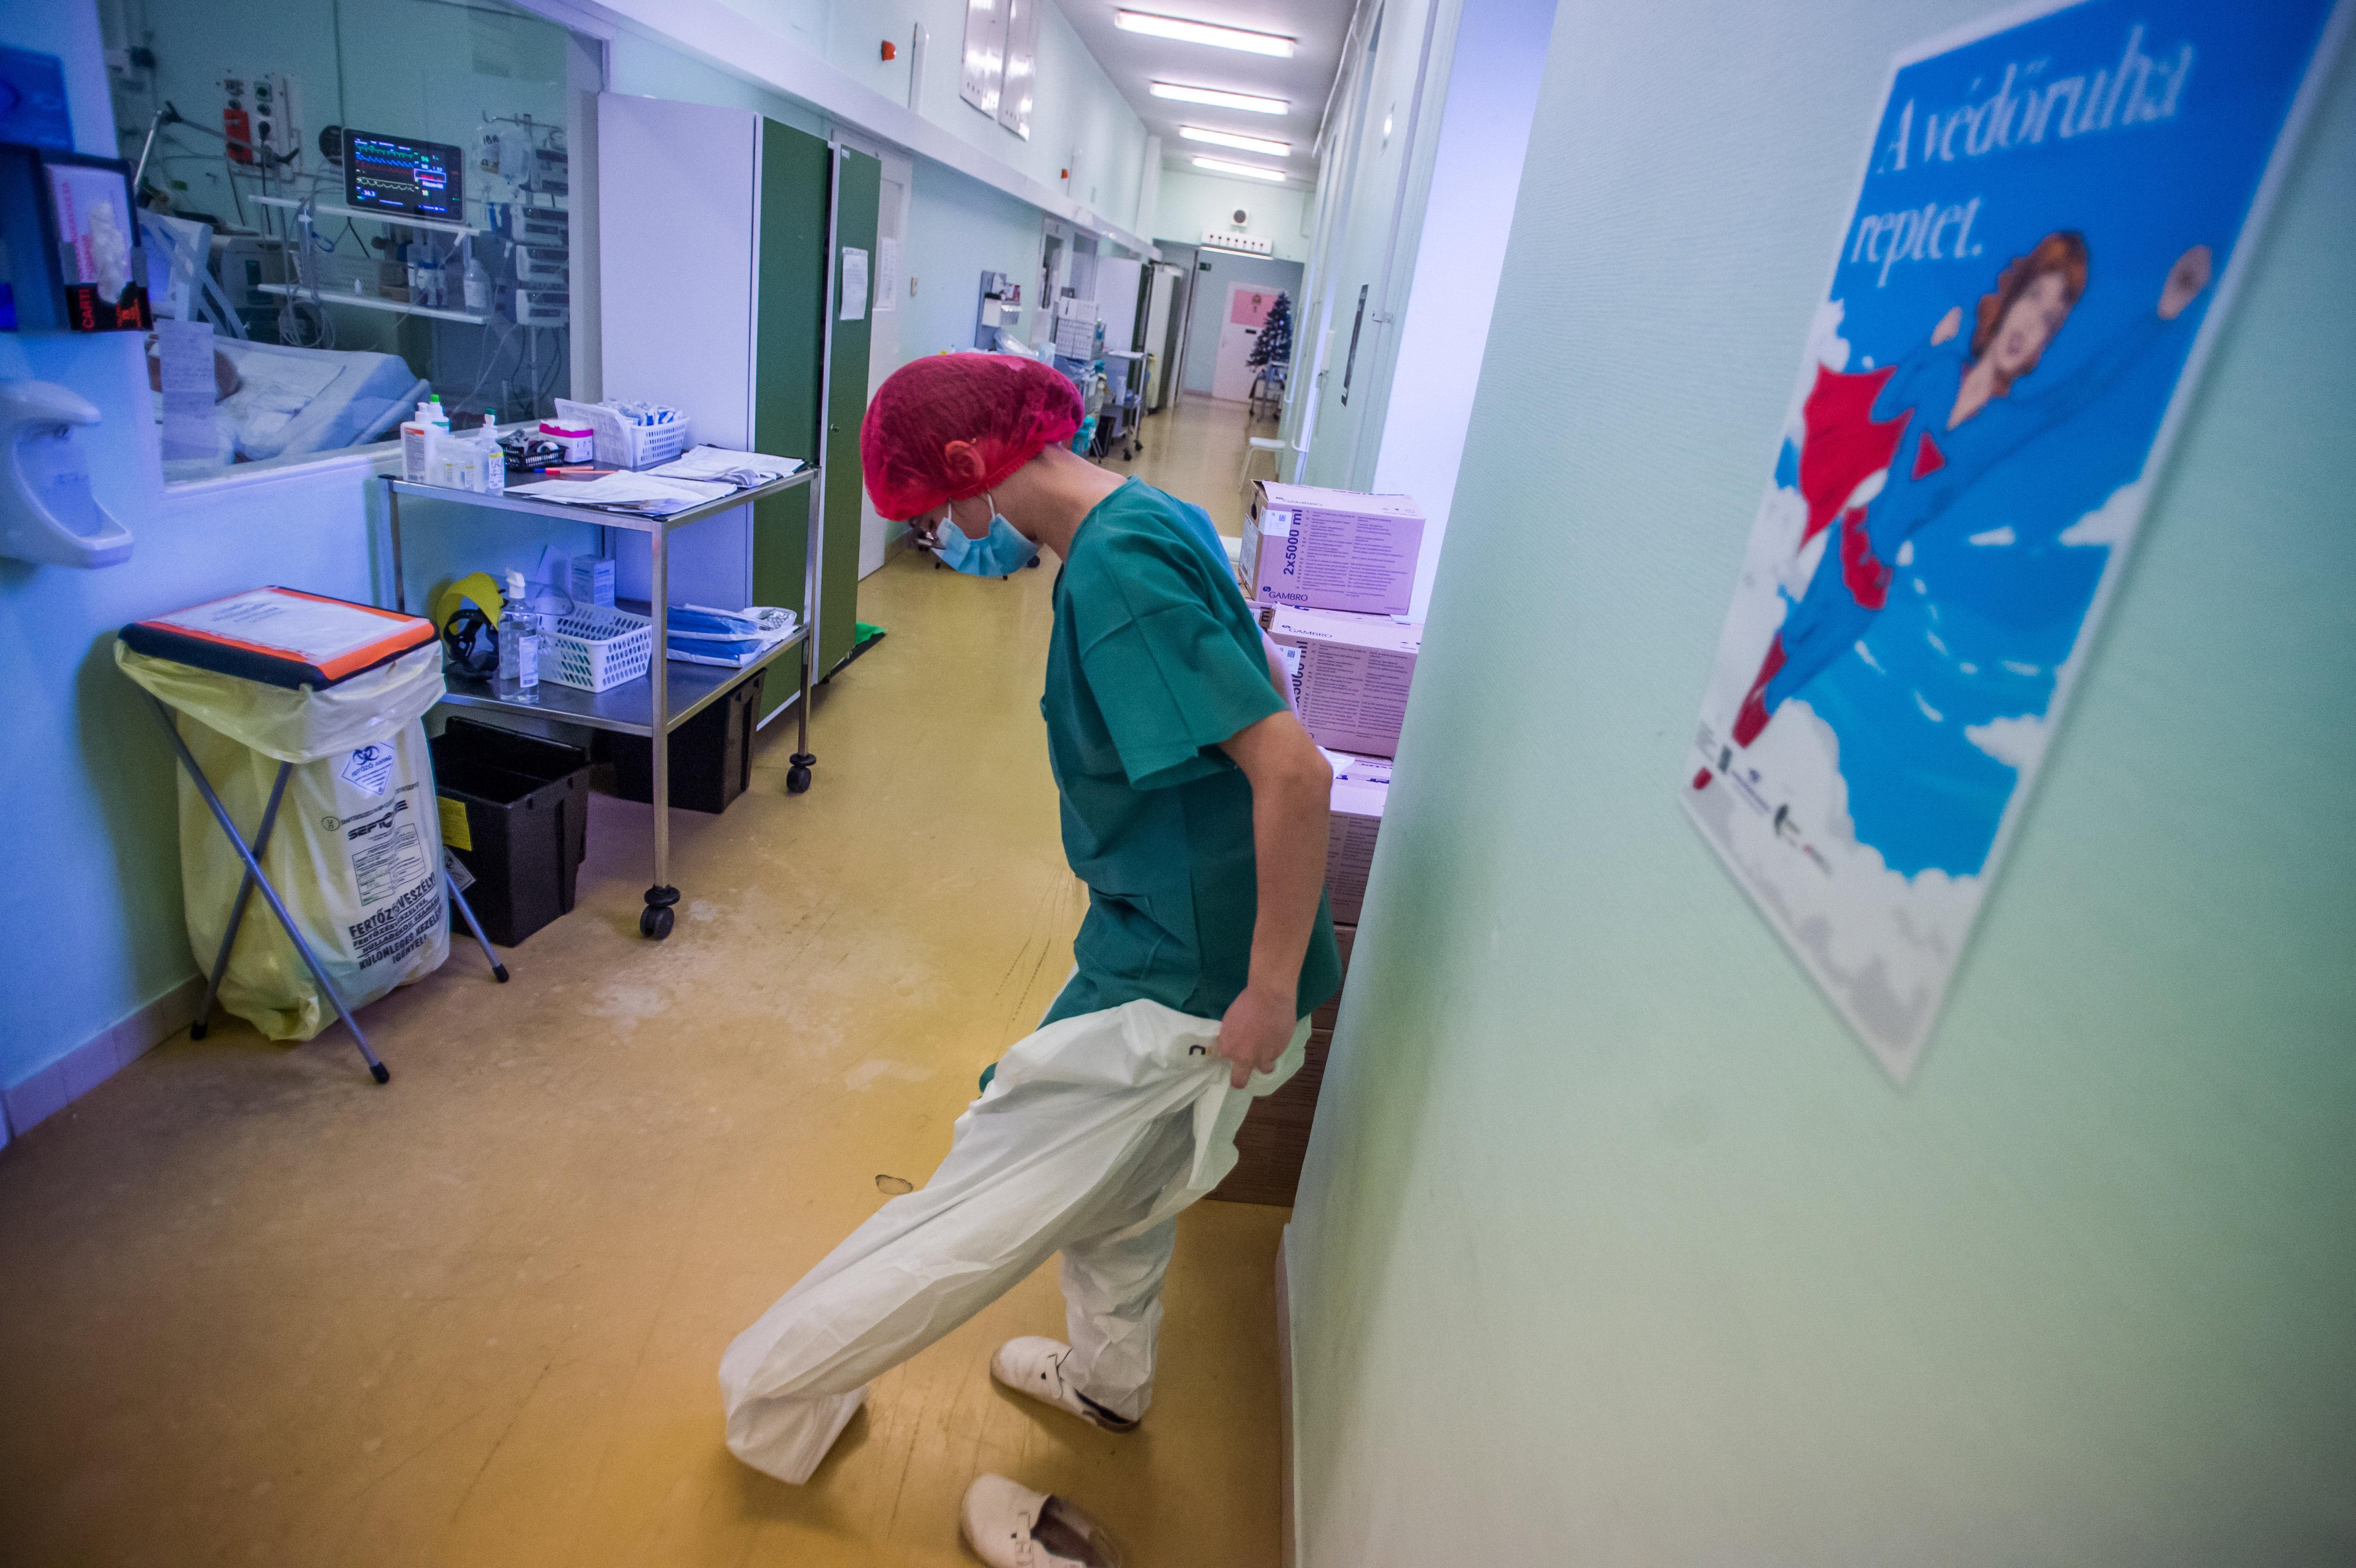 Egészségügyi dolgozók végkielégítésén spórolt az állam civil szervezetek szerint